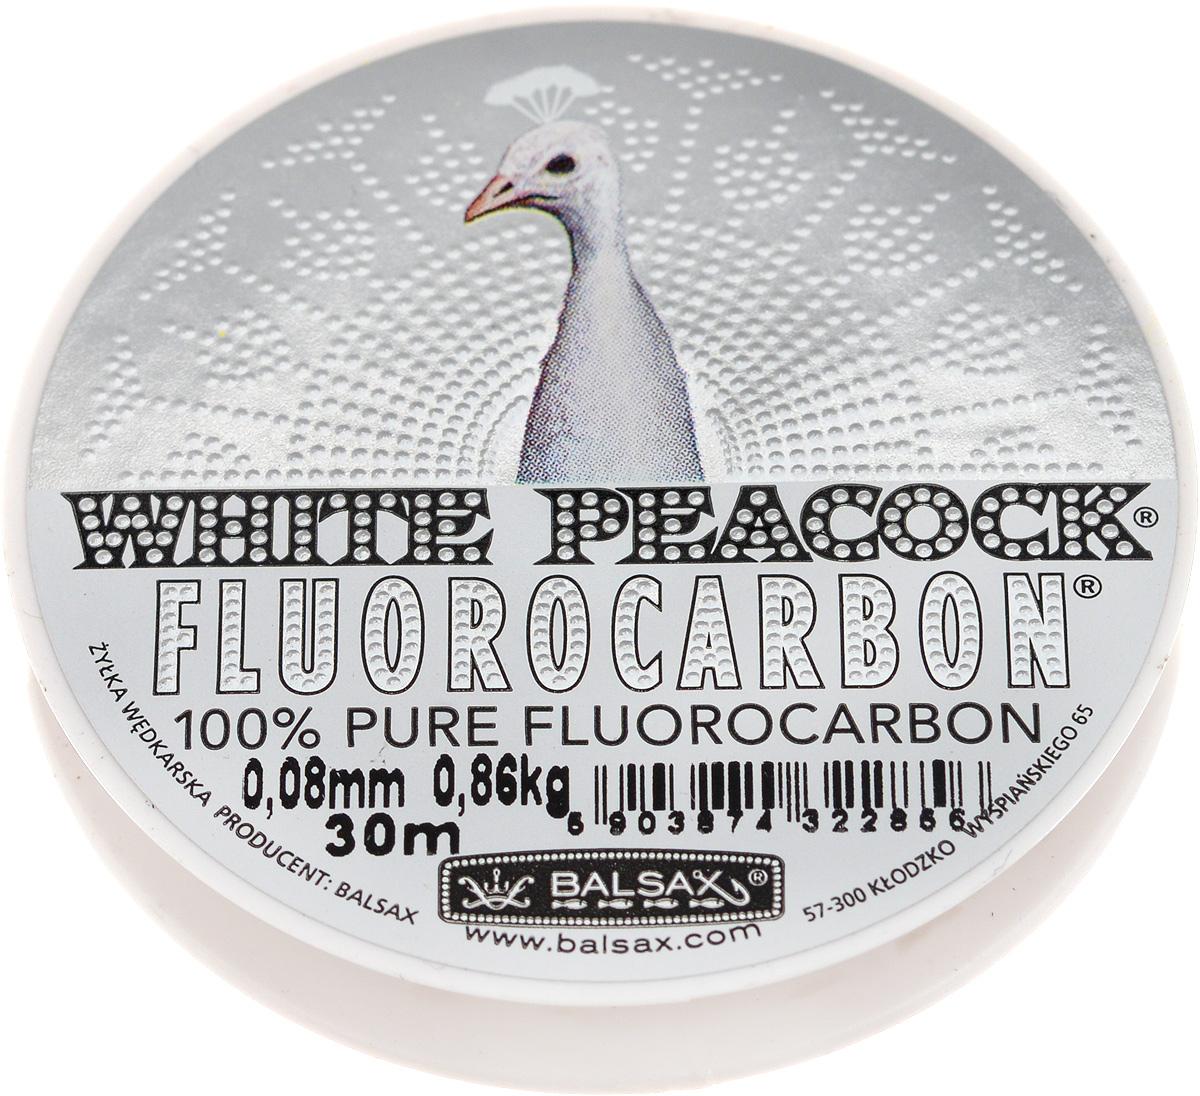 Леска флюорокарбоновая Balsax White Peacock, 30 м, 0,08 мм, 0,86 кг314-08042Флюорокарбоновая леска Balsax White Peacock становится абсолютно невидимой в воде. Обычные лески отражают световые лучи, поэтому рыбы их обнаруживают. Флюорокарбон имеет приближенный к воде коэффициент преломления, поэтому пропускает сквозь себя свет, не давая отражений. Рыбы не видят флюорокарбон. Многие рыболовы во всем мире используют подобные лески в качестве поводковых, благодаря чему получают более лучшие результаты.Флюорокарбон на 50% тяжелее обычных лесок и на 78% тяжелее воды. Понятно, почему этот материал используется для рыболовных лесок, он тонет очень быстро. Флюорокарбон не впитывает воду даже через 100 часов нахождения в ней. Обычные лески впитывают до 10% воды в течение 24 часов, что приводит к потере 5 - 10% прочности. Сопротивляемость флюорокарбона к истиранию значительно больше, чем у обычных лесок. Он выдерживает температуры от -40°C до +160°C.